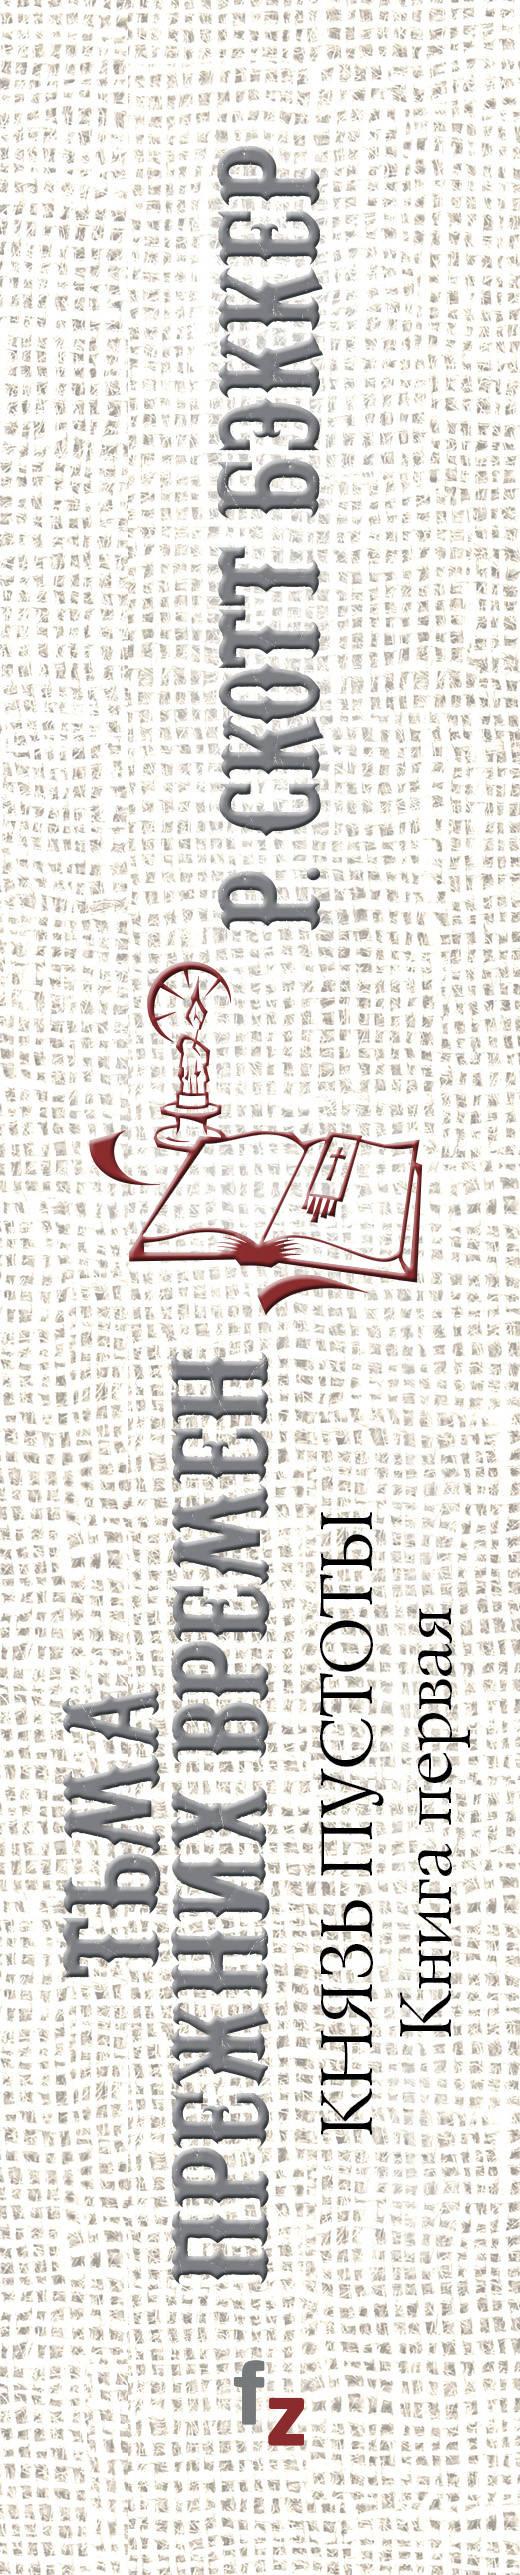 Князь Пустоты. Книга первая. Тьма прежних времен. Бэккер Р. Скотт